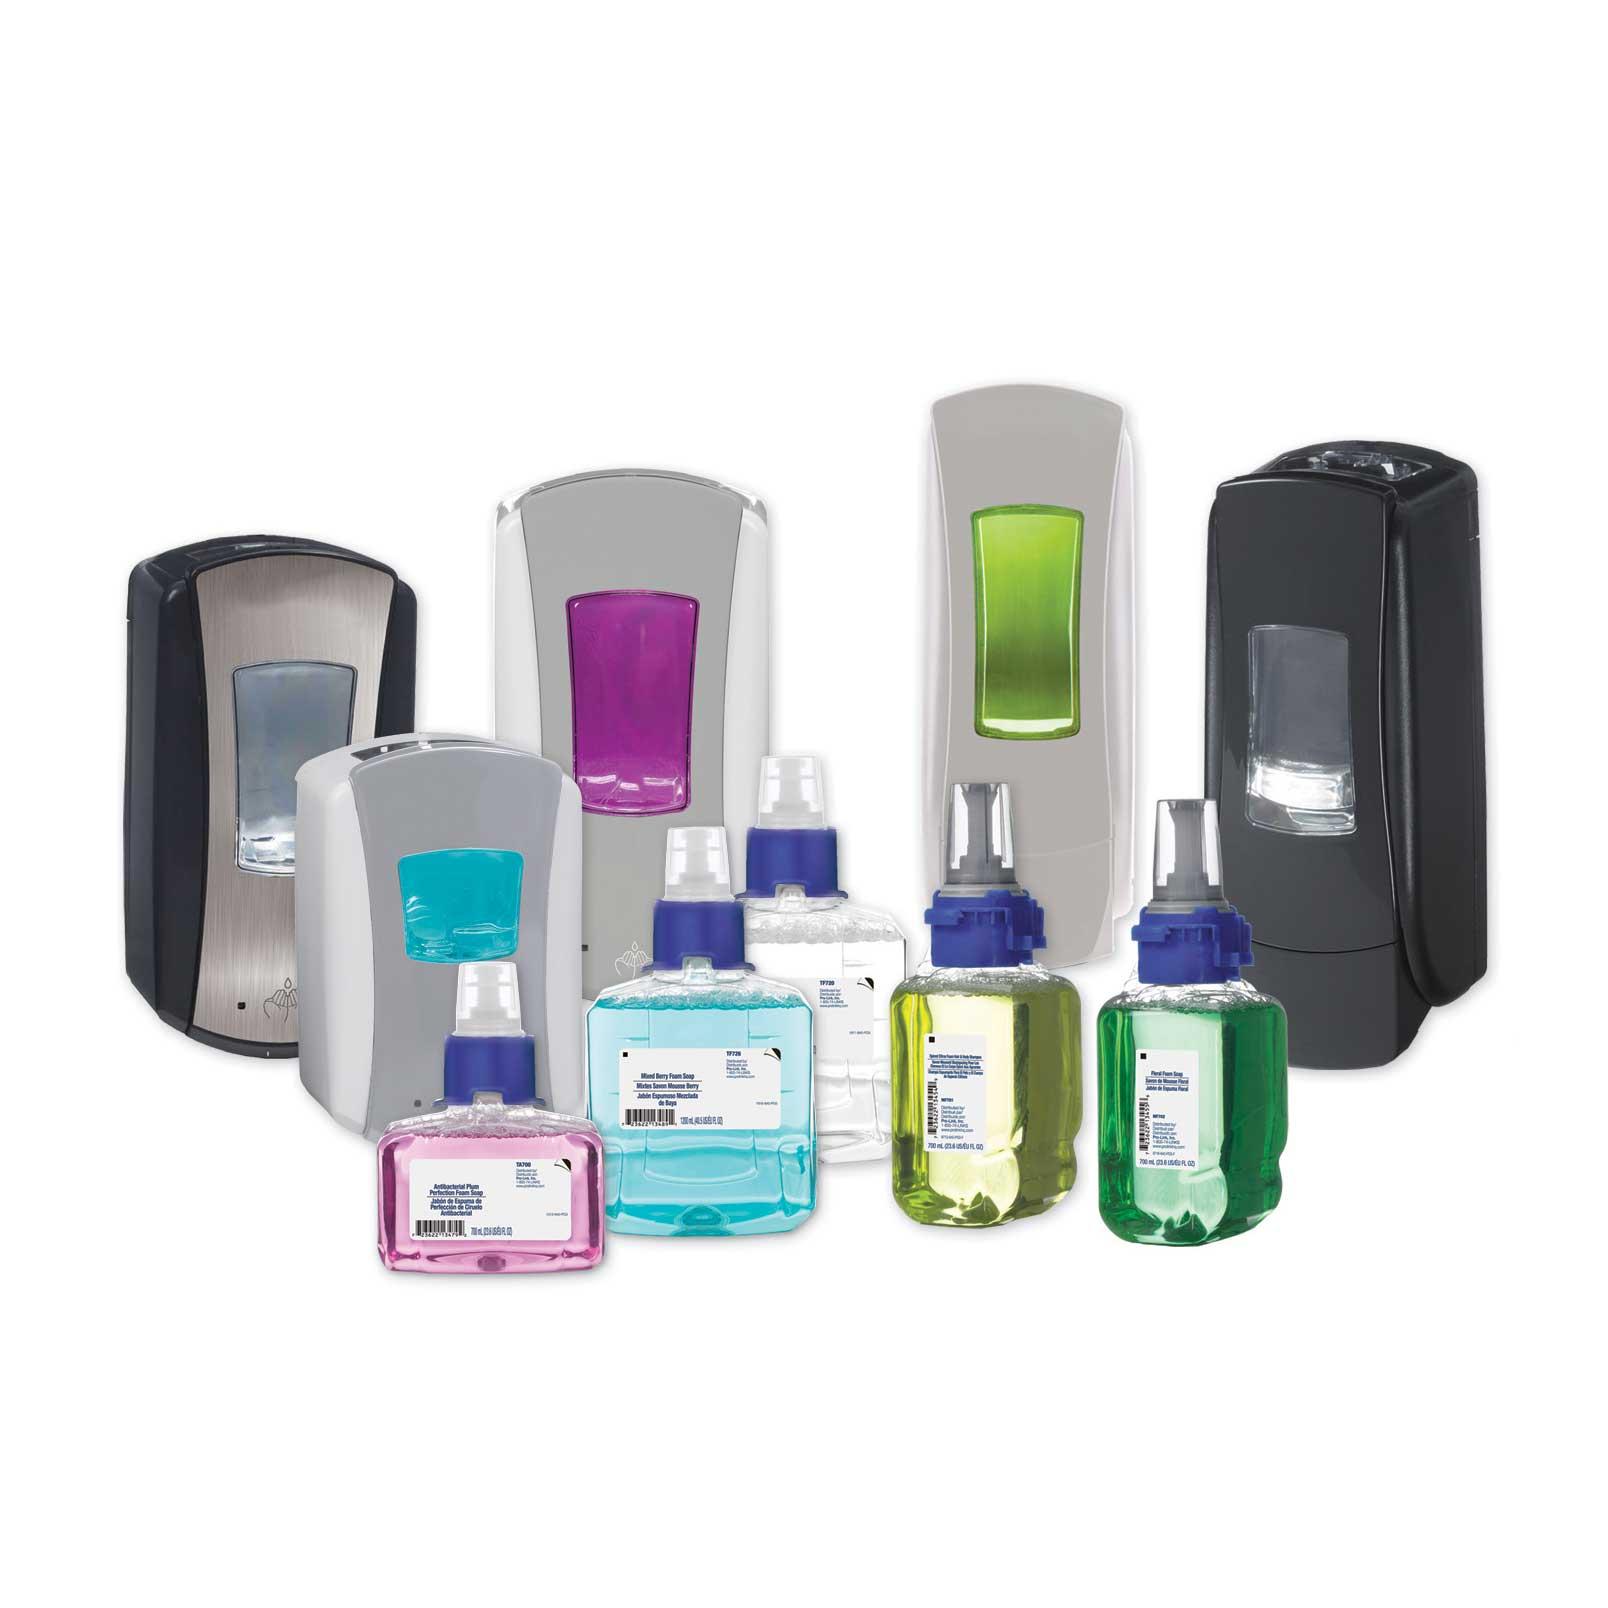 HAND SOAP U0026 DISPENSERS